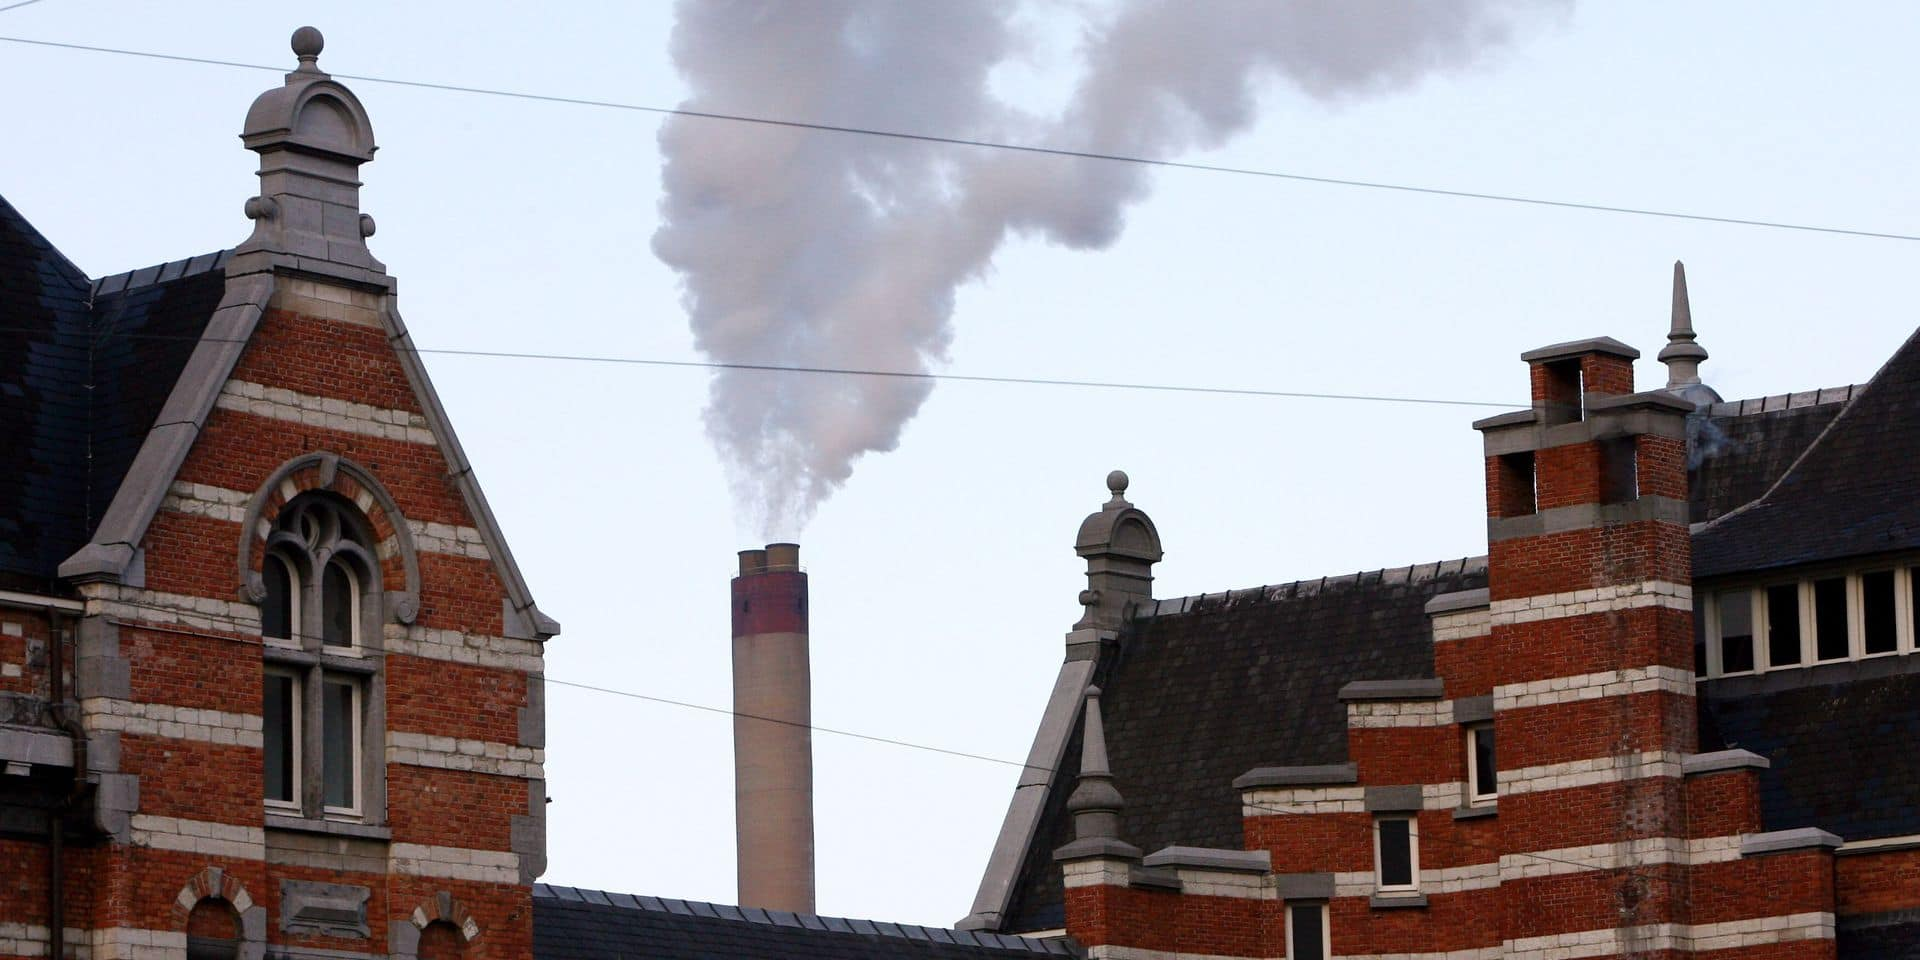 En dépit du confinement, la concentration de CO2 dans l'atmosphère atteint un niveau record